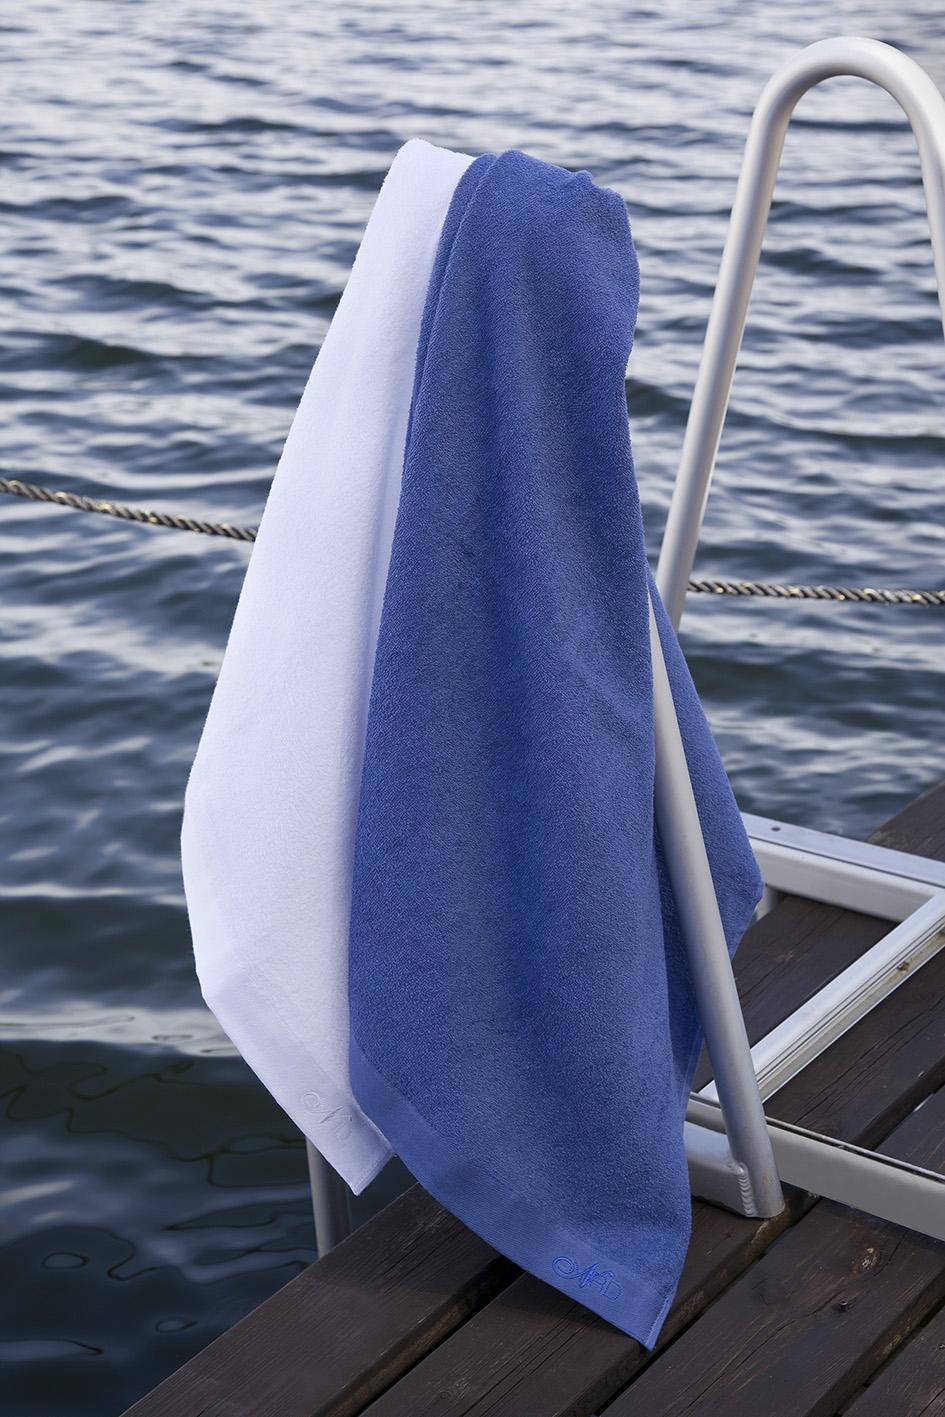 Nord håndklær kvalitet ultratynne sport fritid økologisk bomull hvit og blå